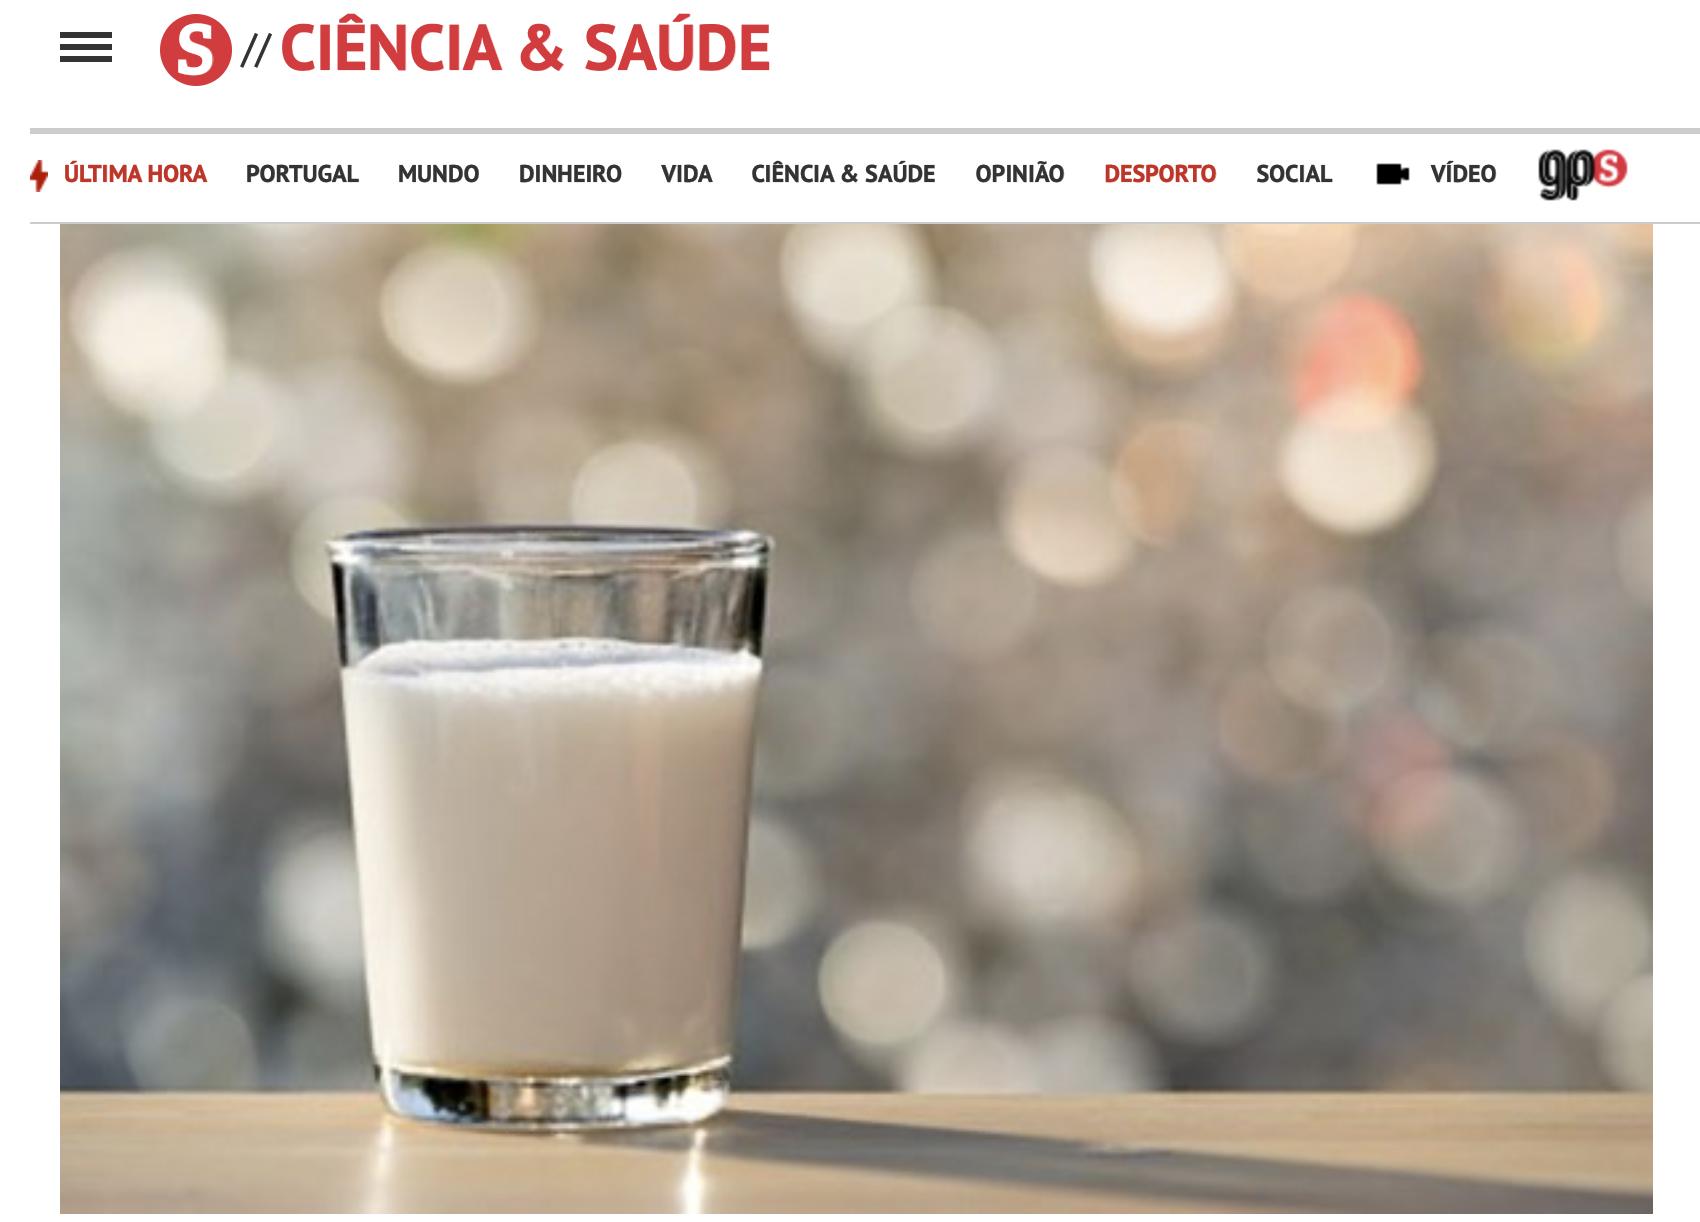 Ciência e Saúde 19/11/19: Alergologistas contestam desigualdade na comparticipação de leite para crianças